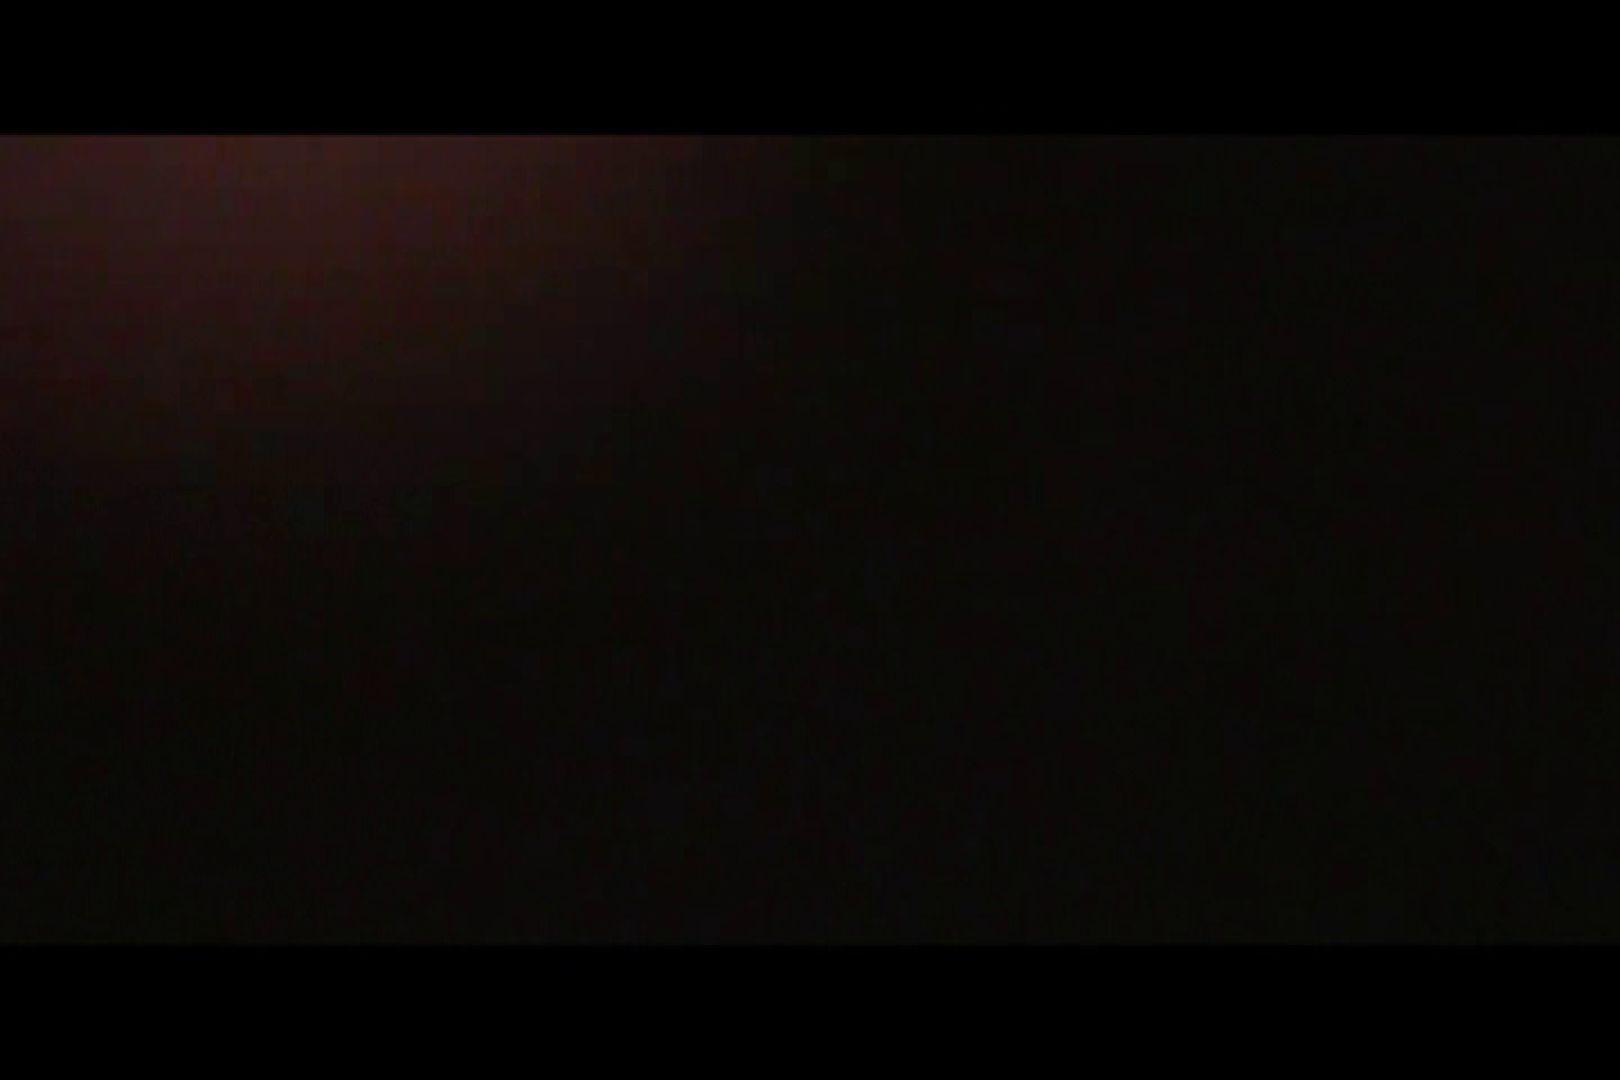 投稿者ハイロスさんのドキドキ覗き主観!VOL.01(一般女性5名 民家浴場編) 投稿 AV無料 66画像 19